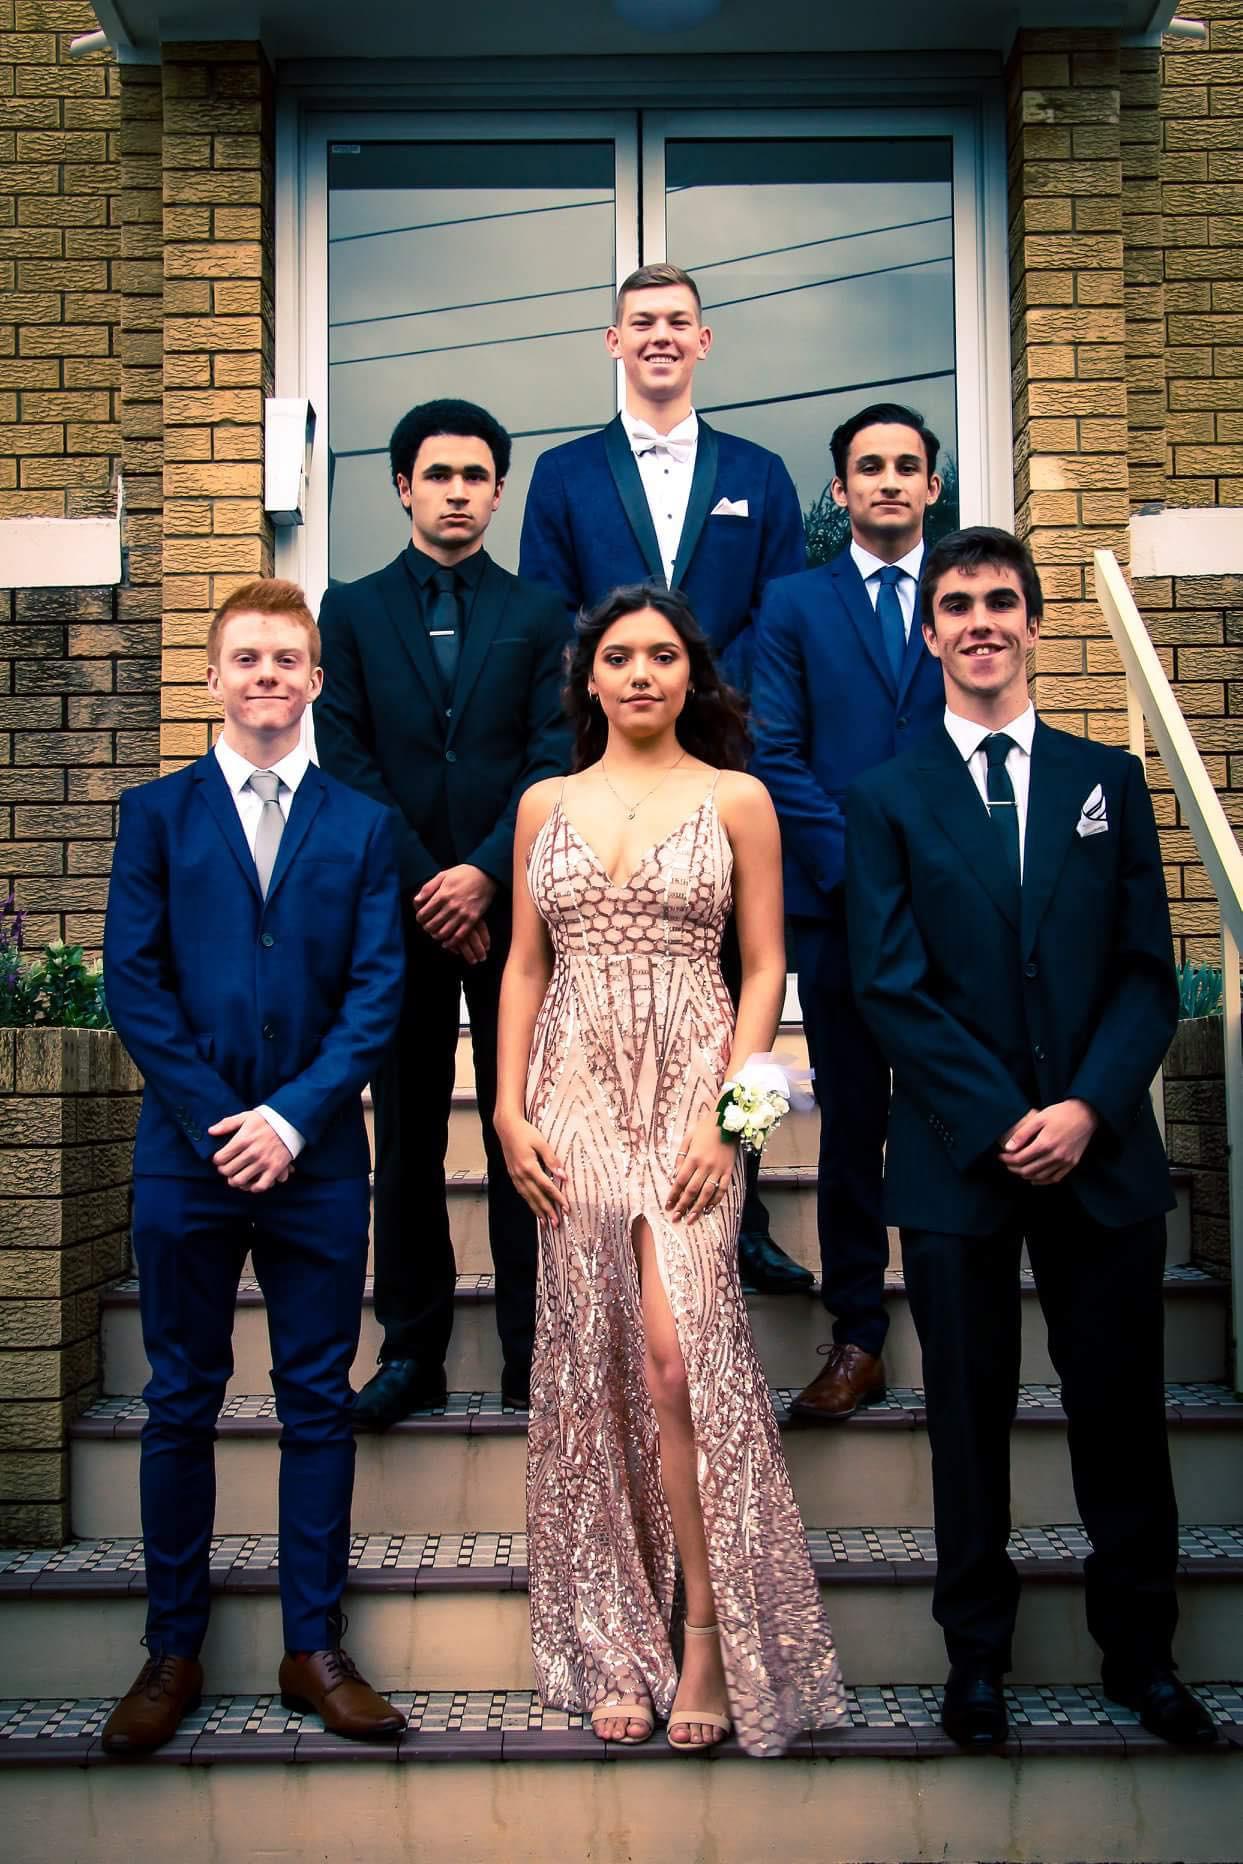 School Formal Photos